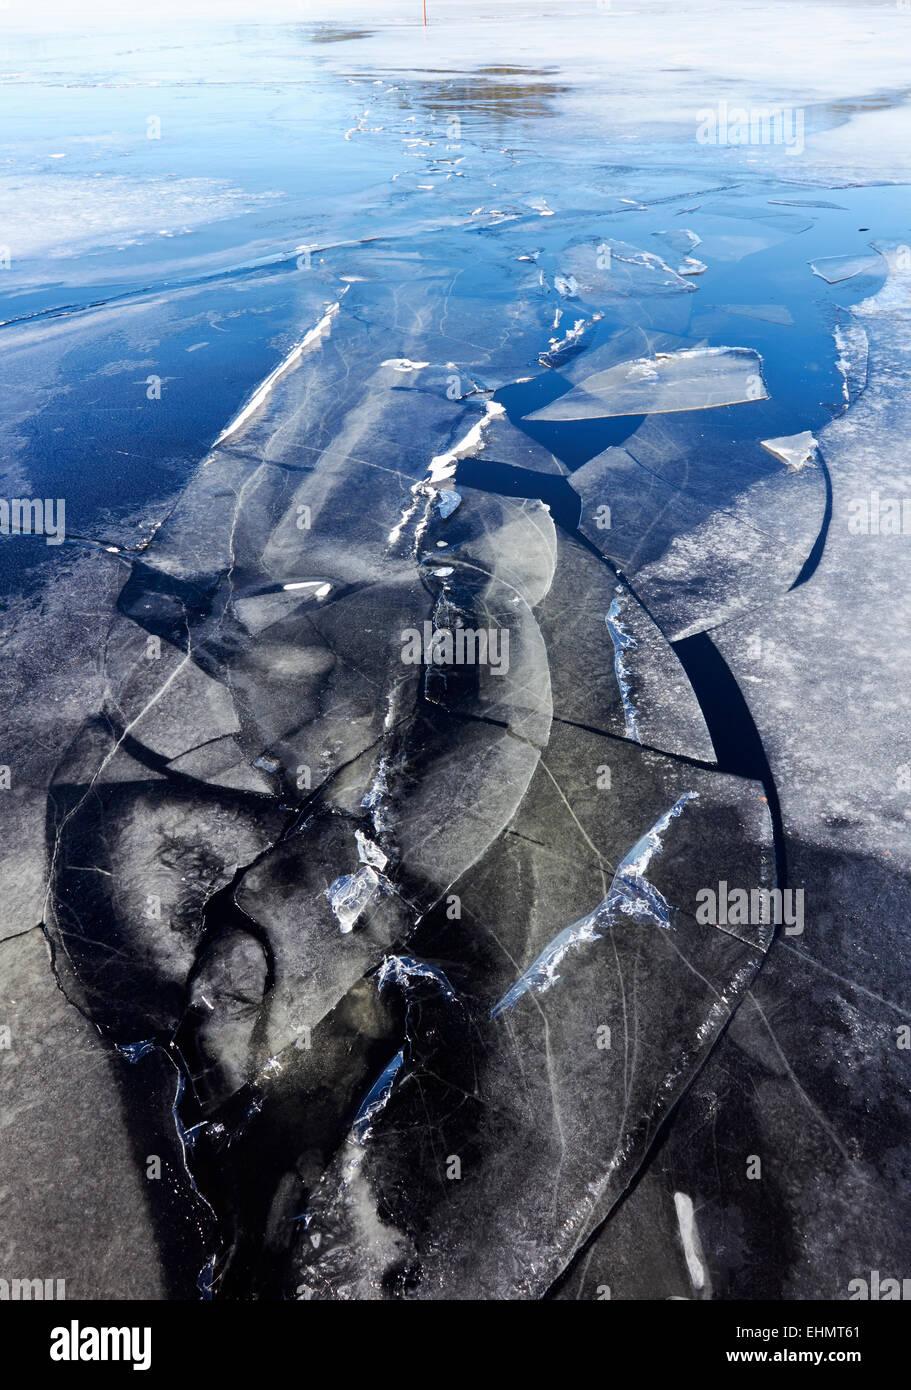 La fissuration de la glace sur le lac, la Finlande Photo Stock